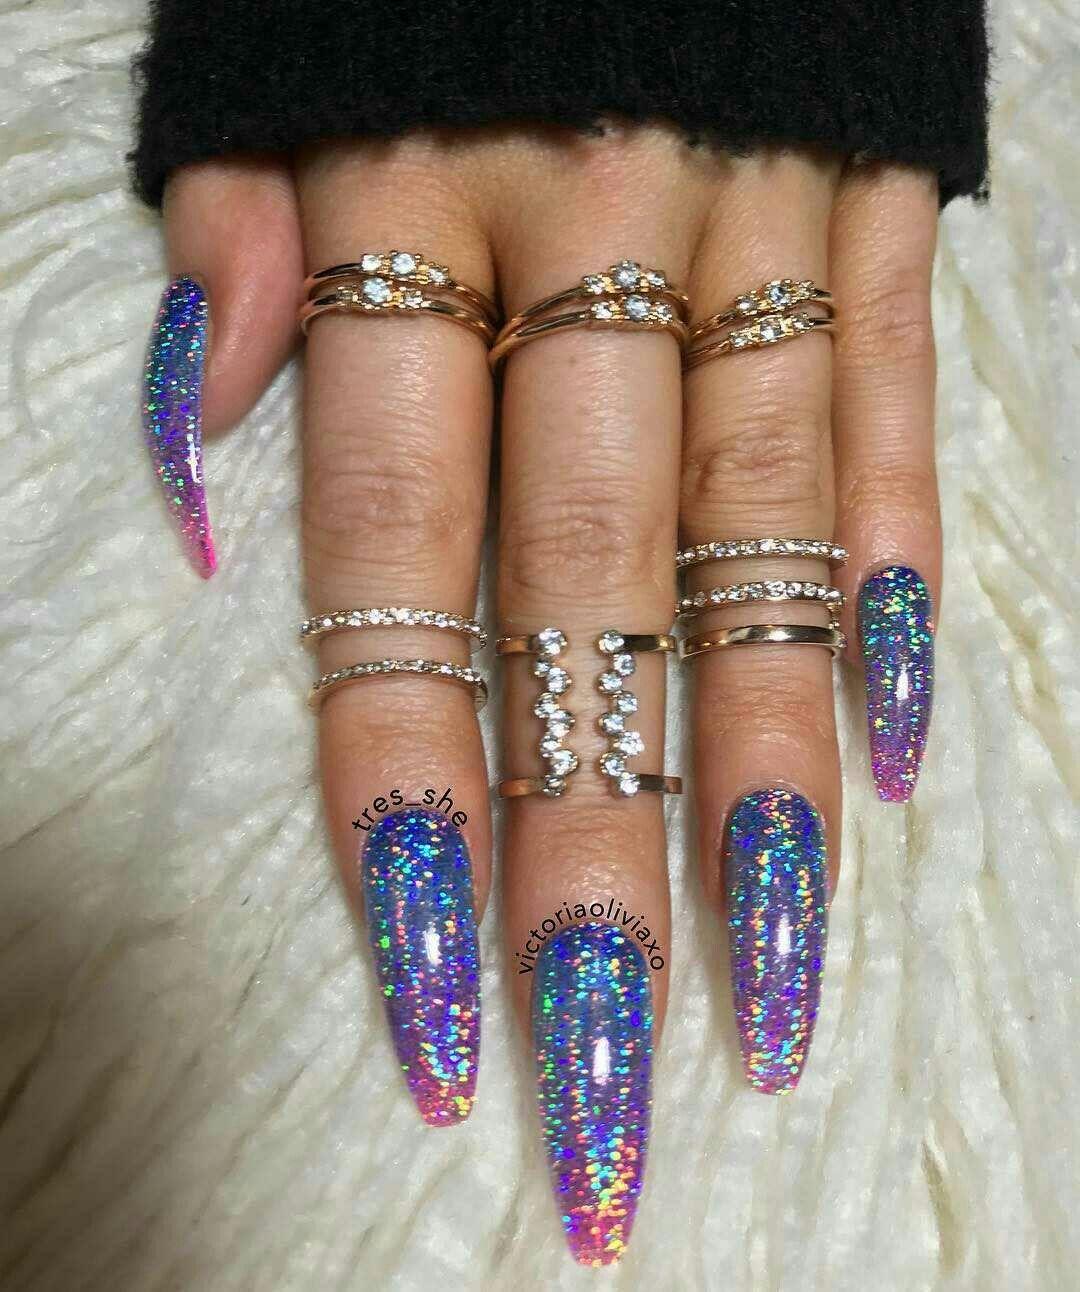 Pin de Connie Valle en Nails | Pinterest | Diseños de uñas, Arte de ...